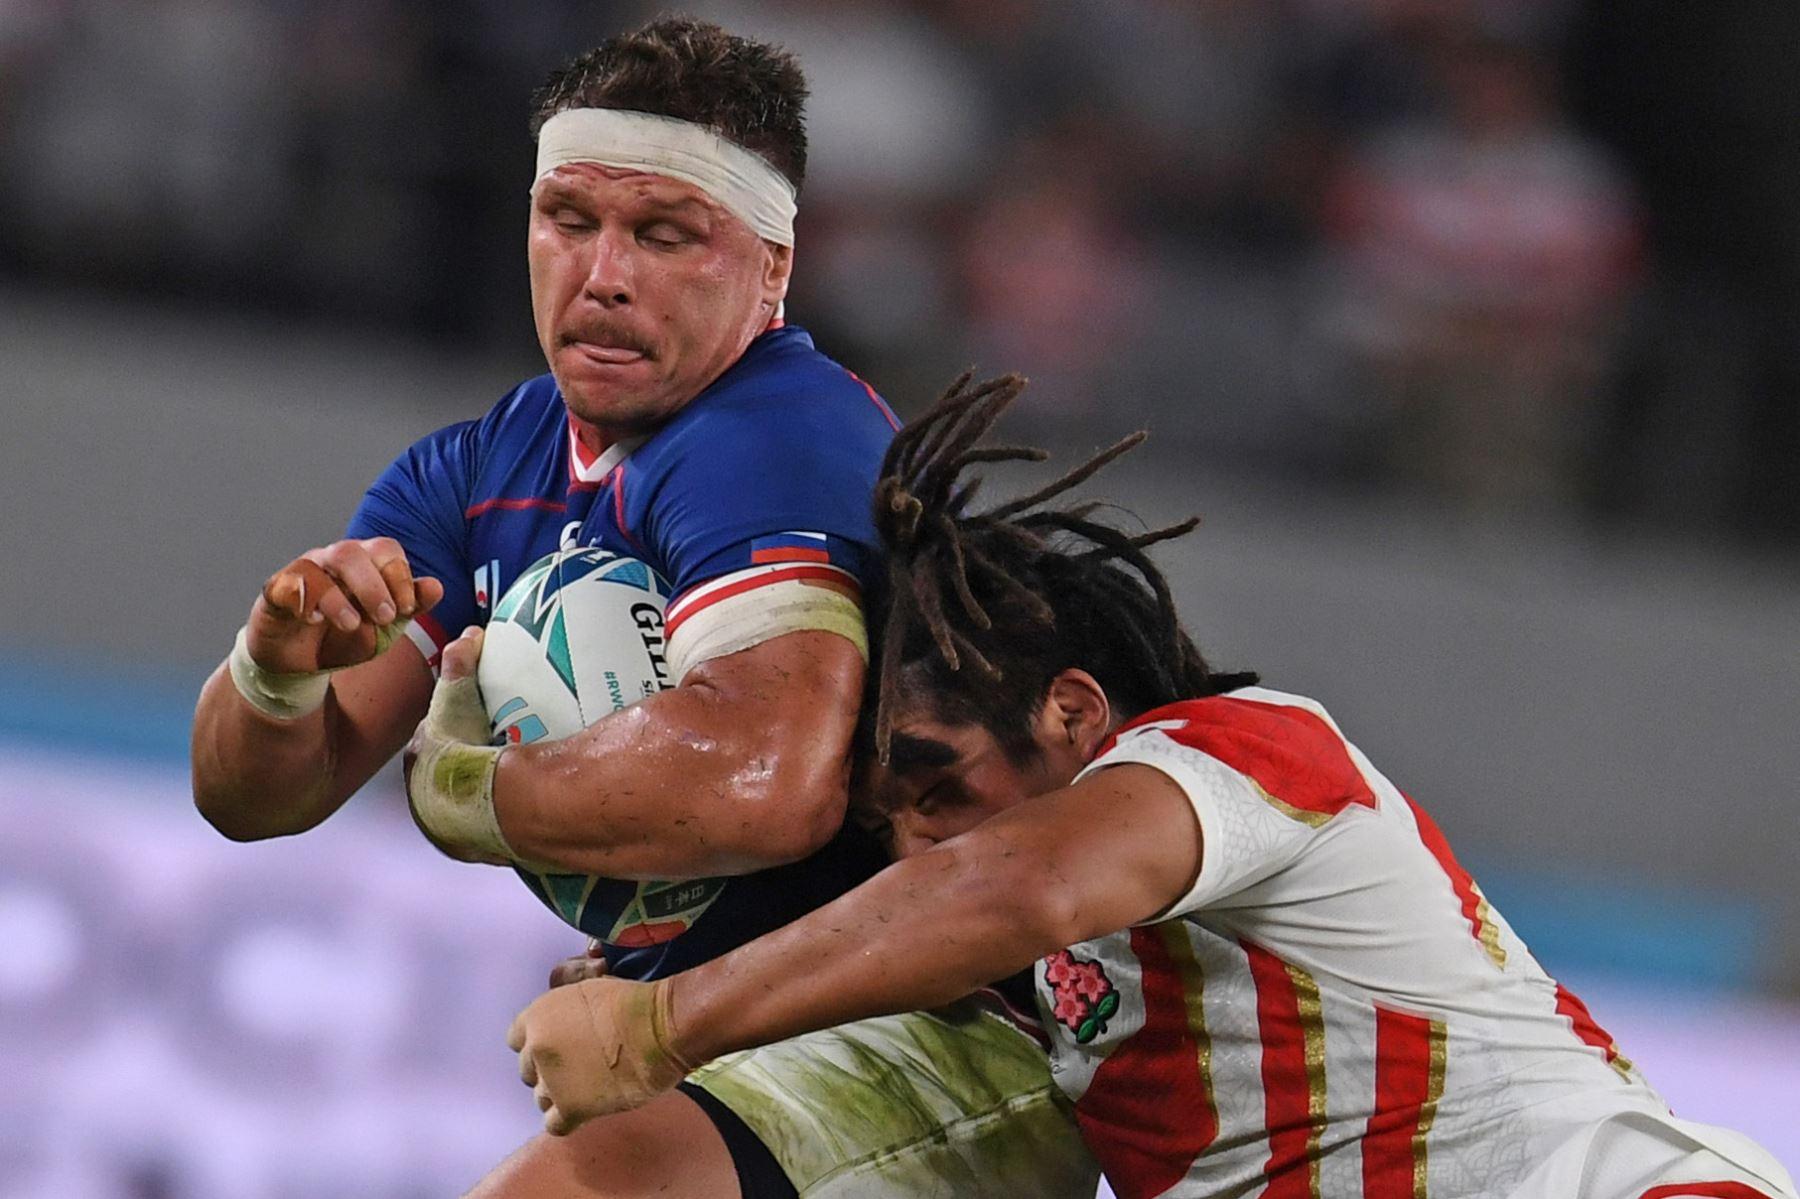 El centro de Rusia, Dmitry Gerasimov, es abordado por el japones Shota Horie durante el partido del Grupo A de la Copa Mundial de Rugby de Japón 2019. Foto: AFP